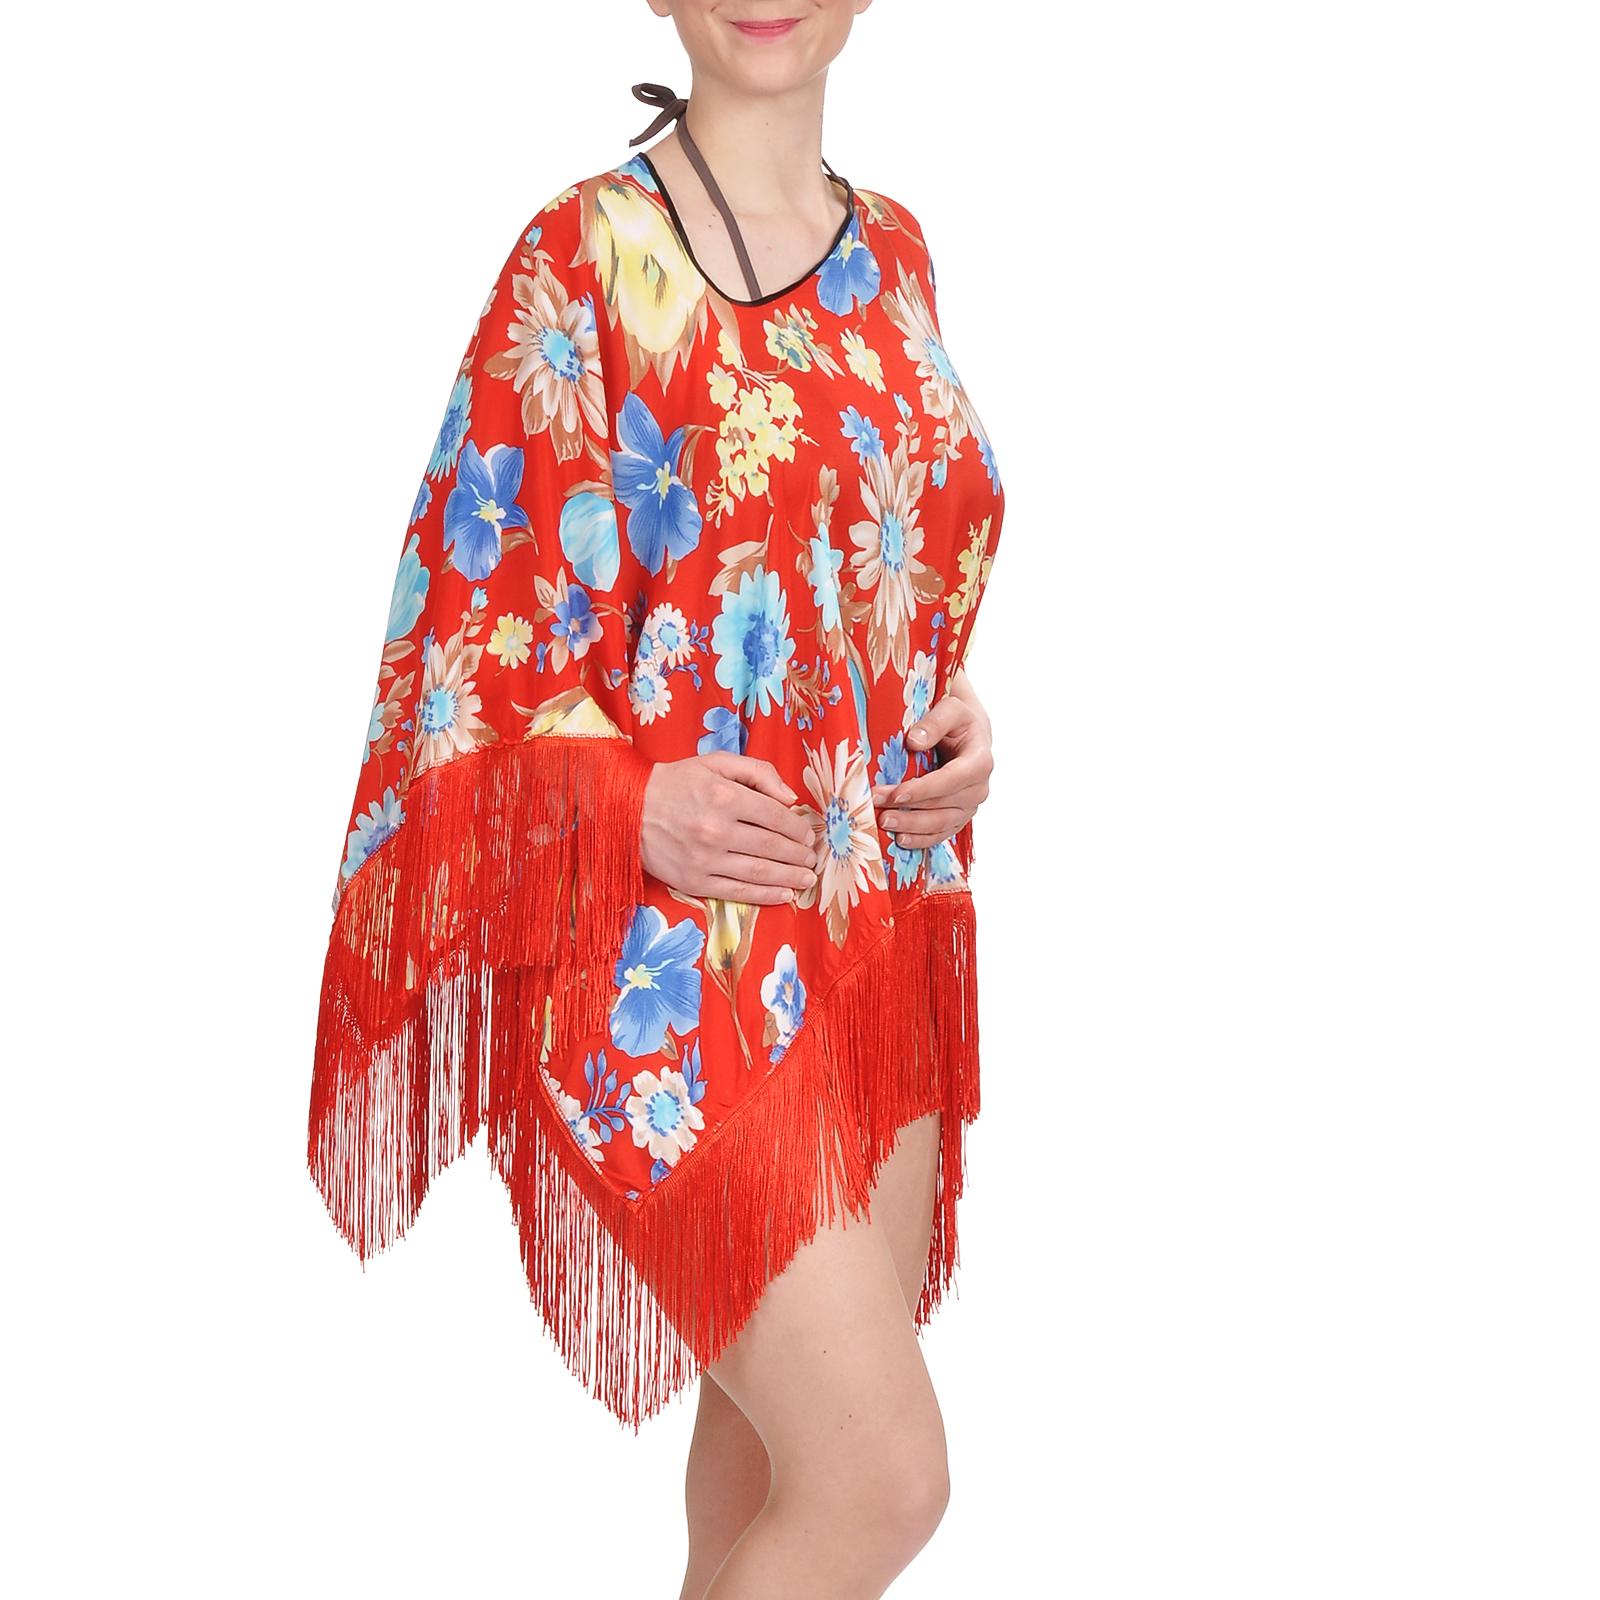 tunique-plage-pancho-rouge-fleurs-AT-02999-F16